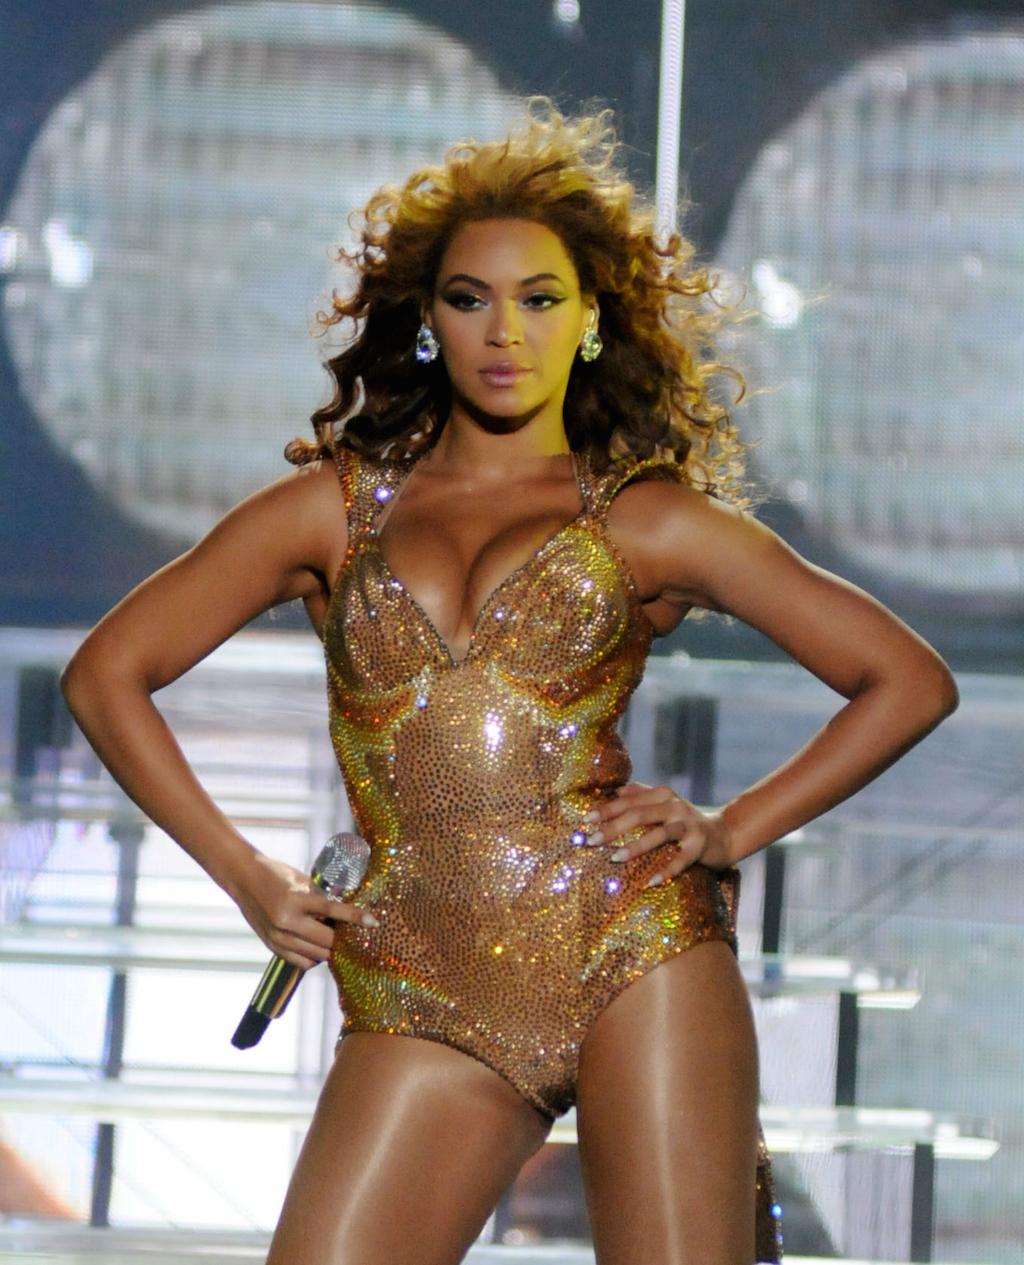 Beyonce power pose wonder woman pose